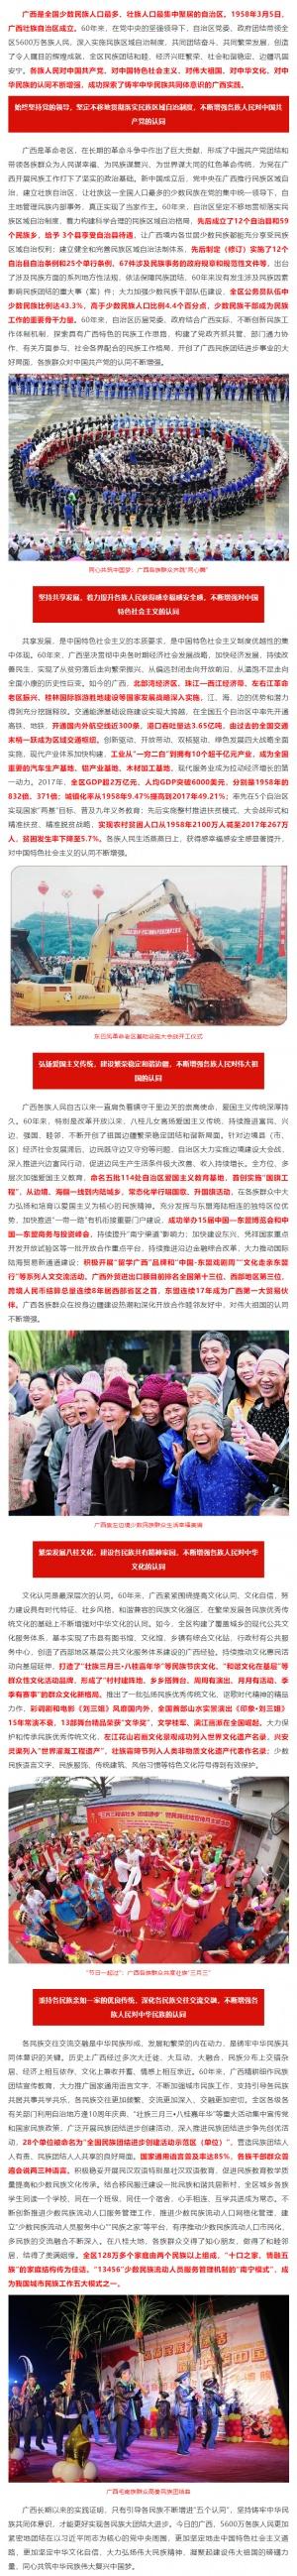 """【壮美60年•广西统一战线】增进""""五个认同"""":铸牢中华民族共同体意识的广西实践"""